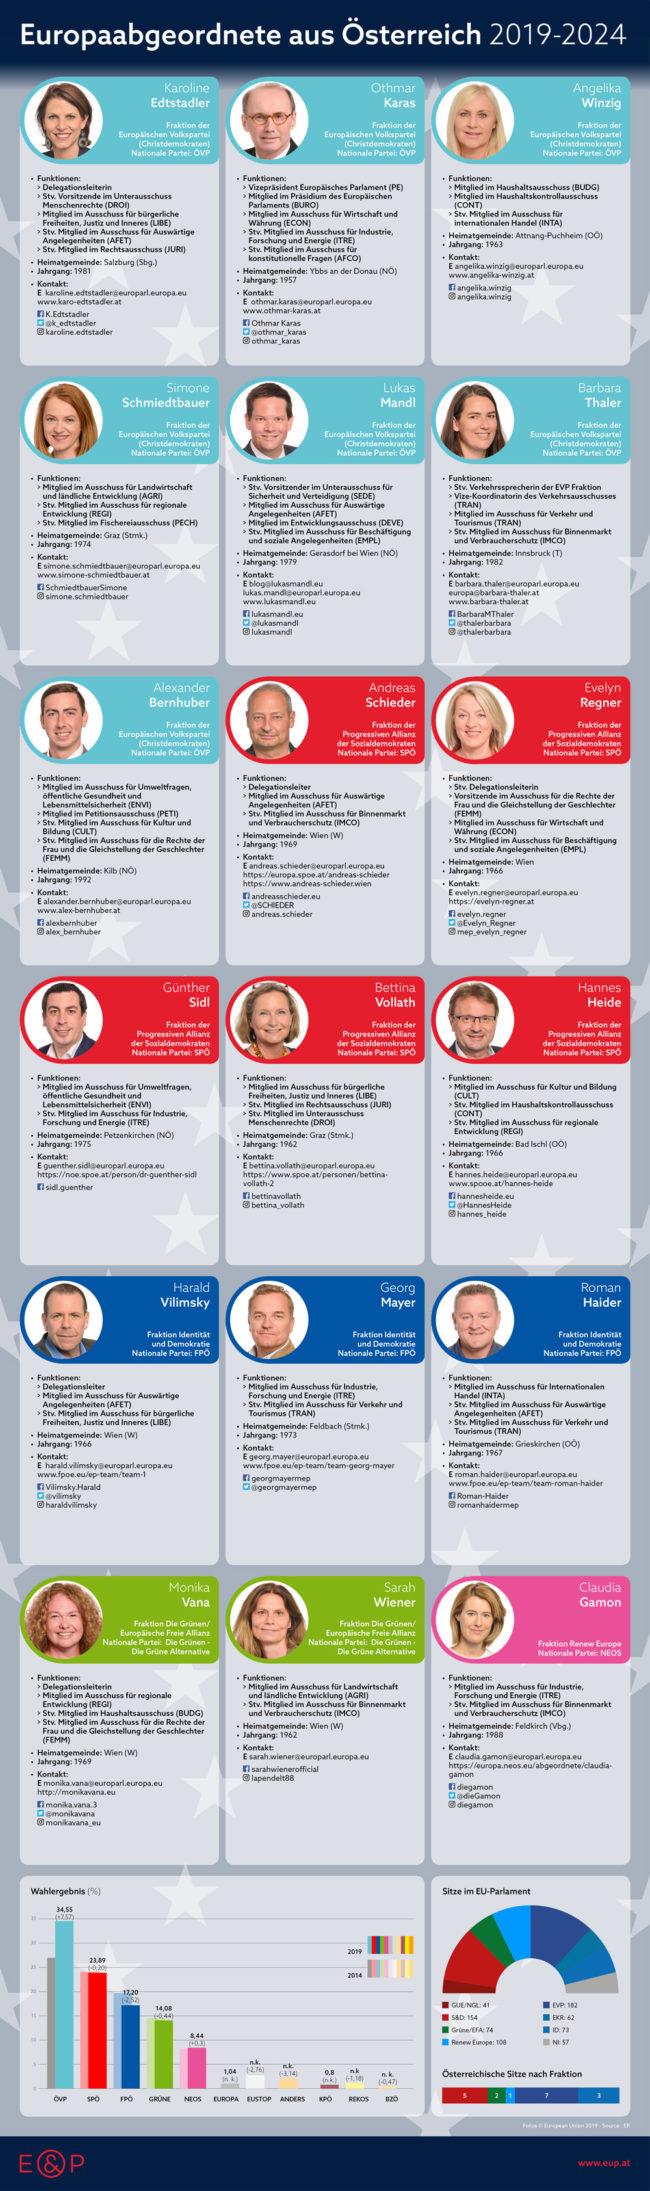 Europaabgeordnete aus Oesterreich 2019-2024, E&P Infografik